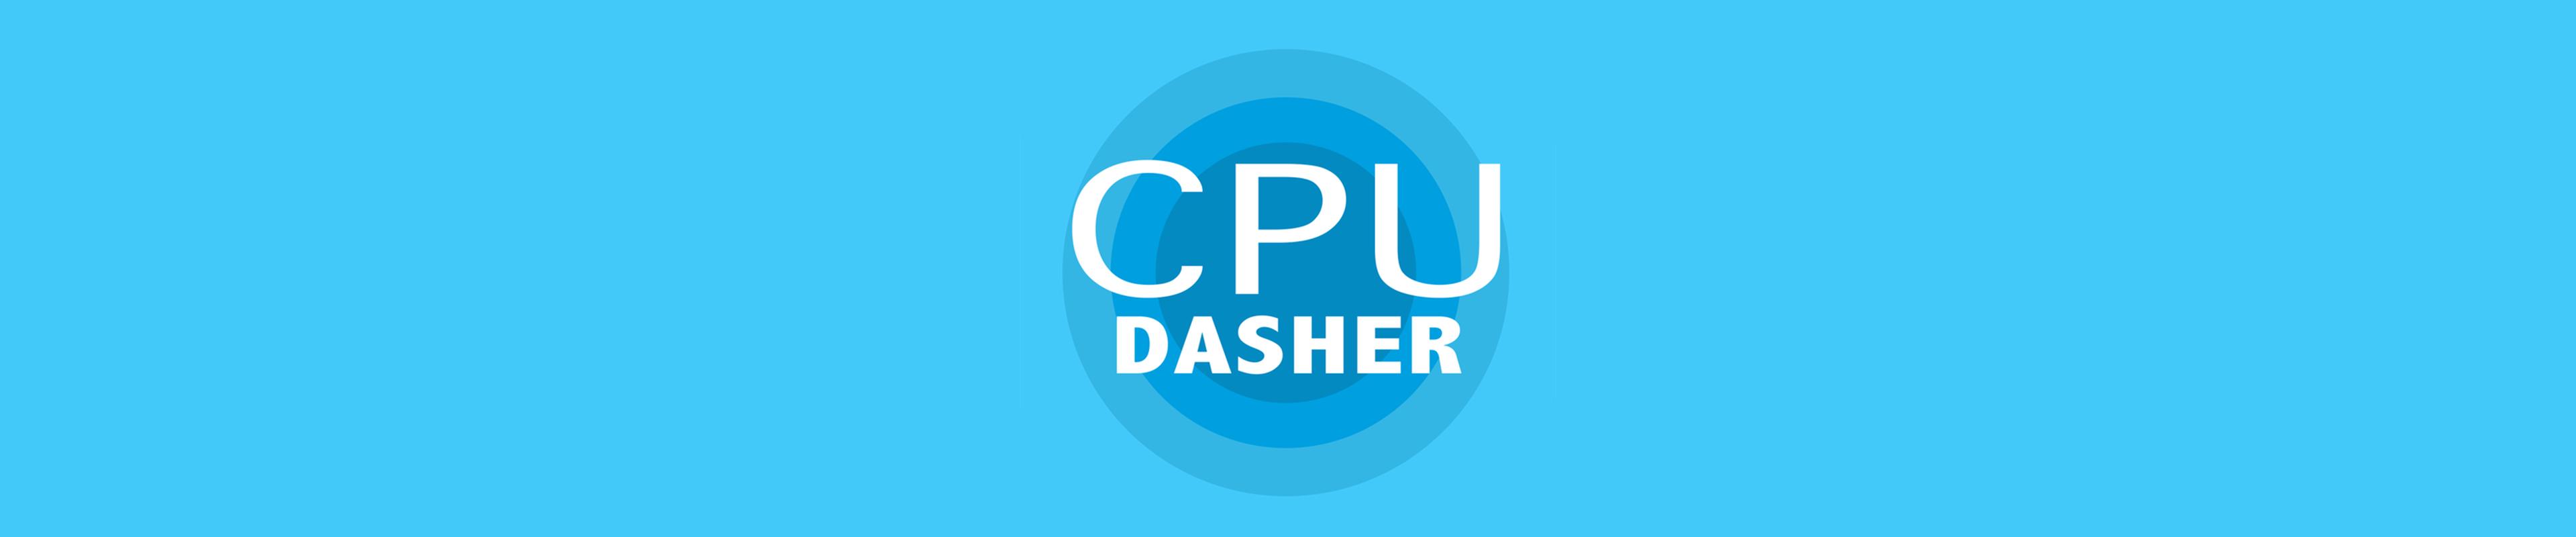 [已购]CPU DasherX-草蜢资源